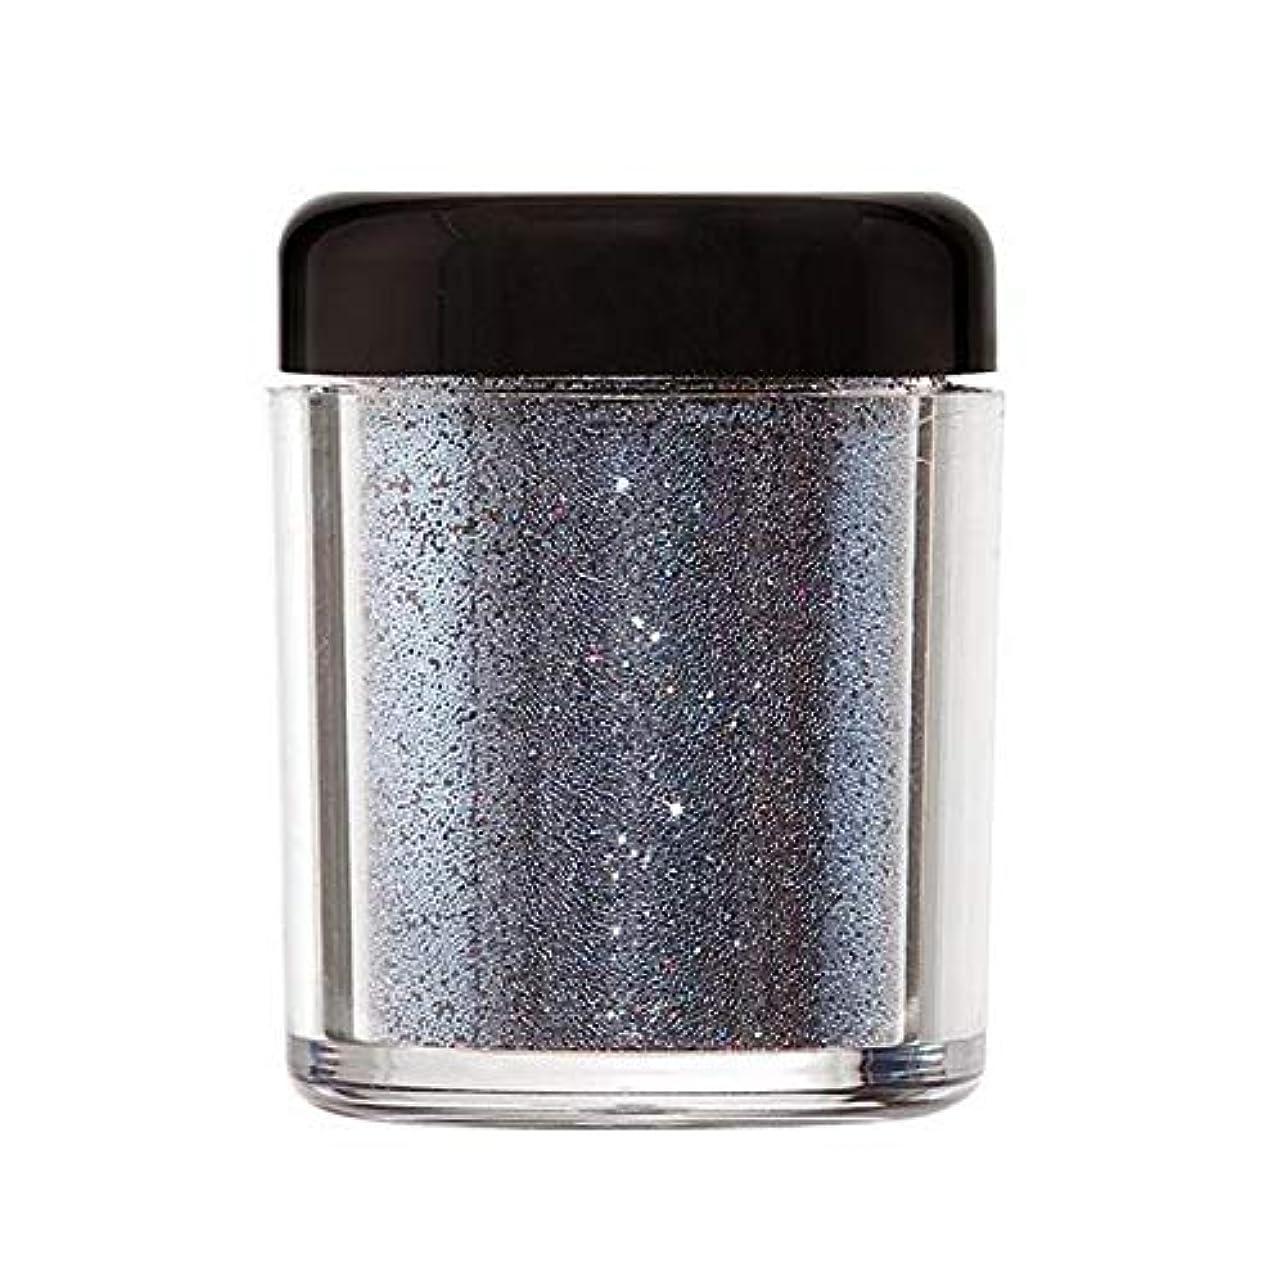 分析ミリメートルエンジン[Barry M ] バリーメートルグリッターラッシュボディの輝き - オニキス - Barry M Glitter Rush Body Glitter - Onyx [並行輸入品]